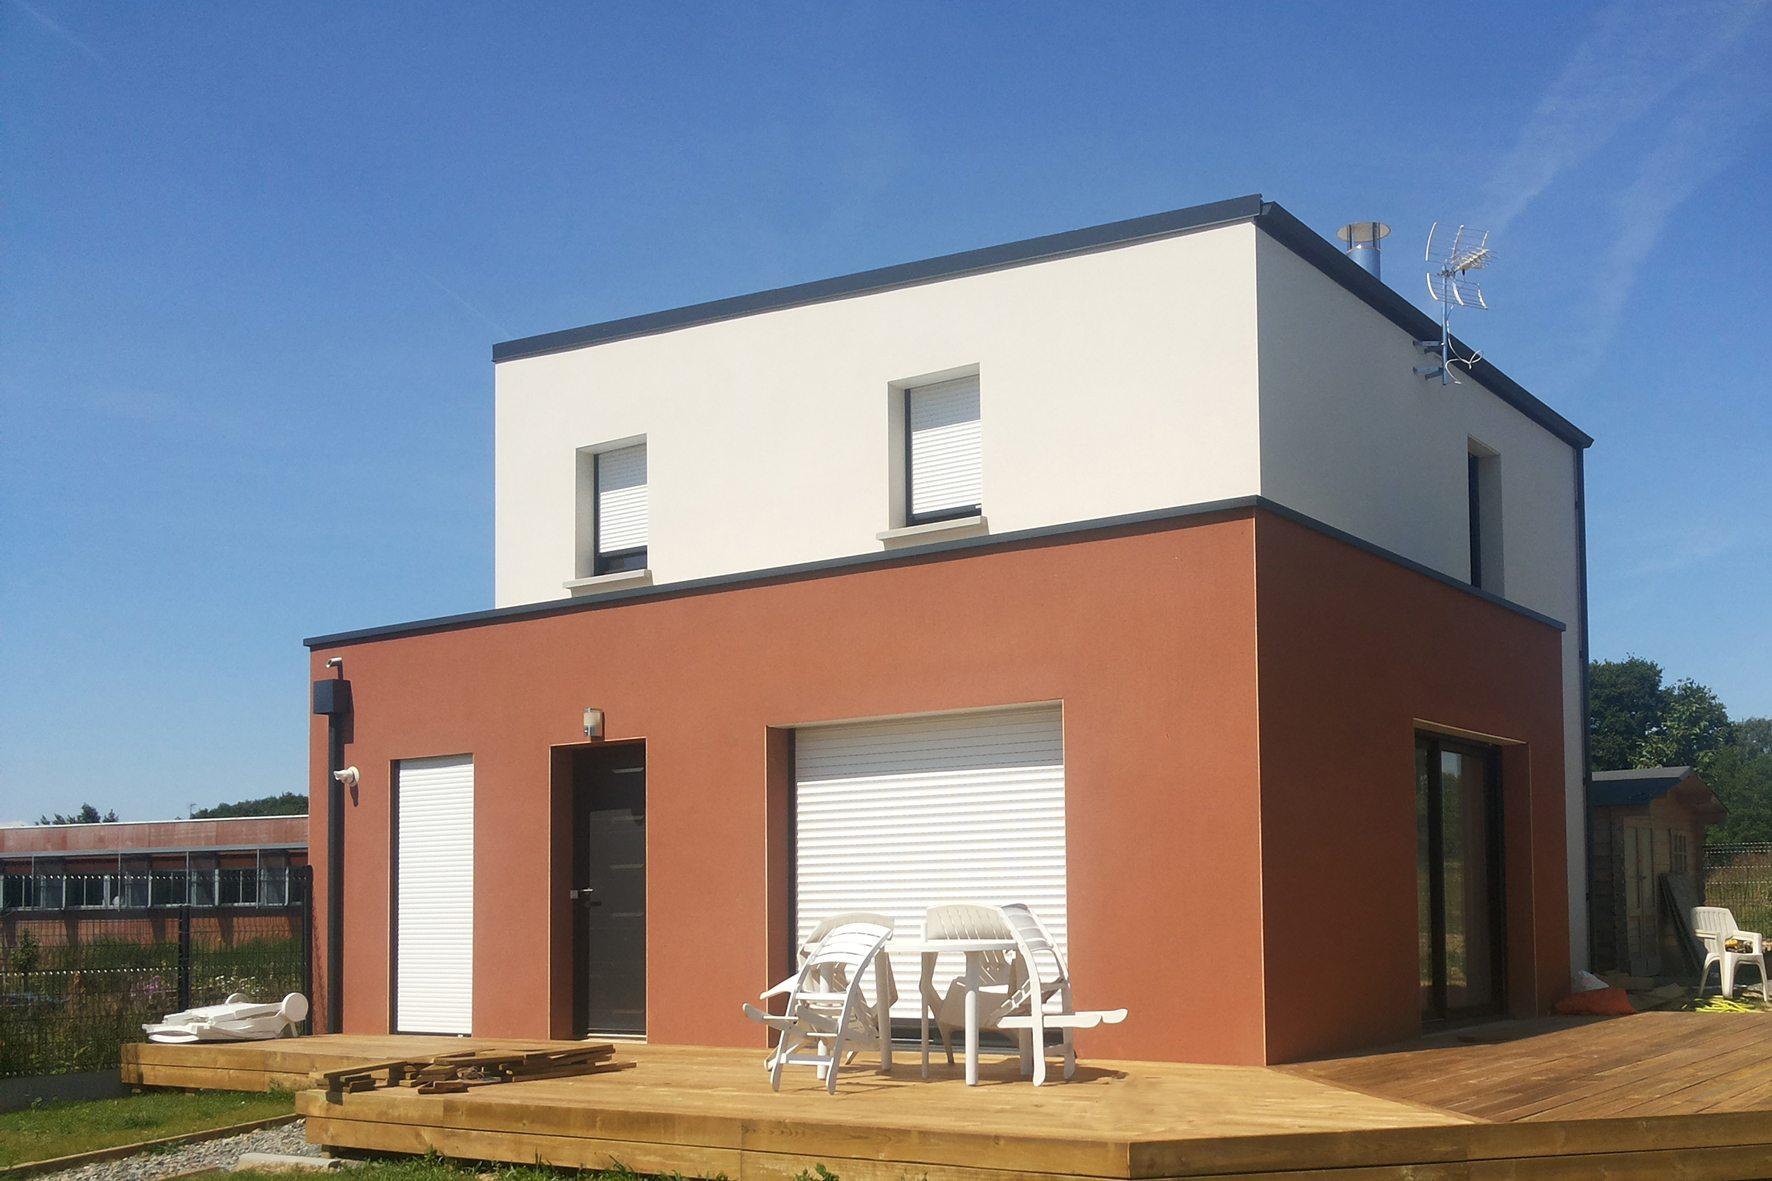 Maisons + Terrains du constructeur MAISON FAMILIALE RENNES • 110 m² • SENS DE BRETAGNE